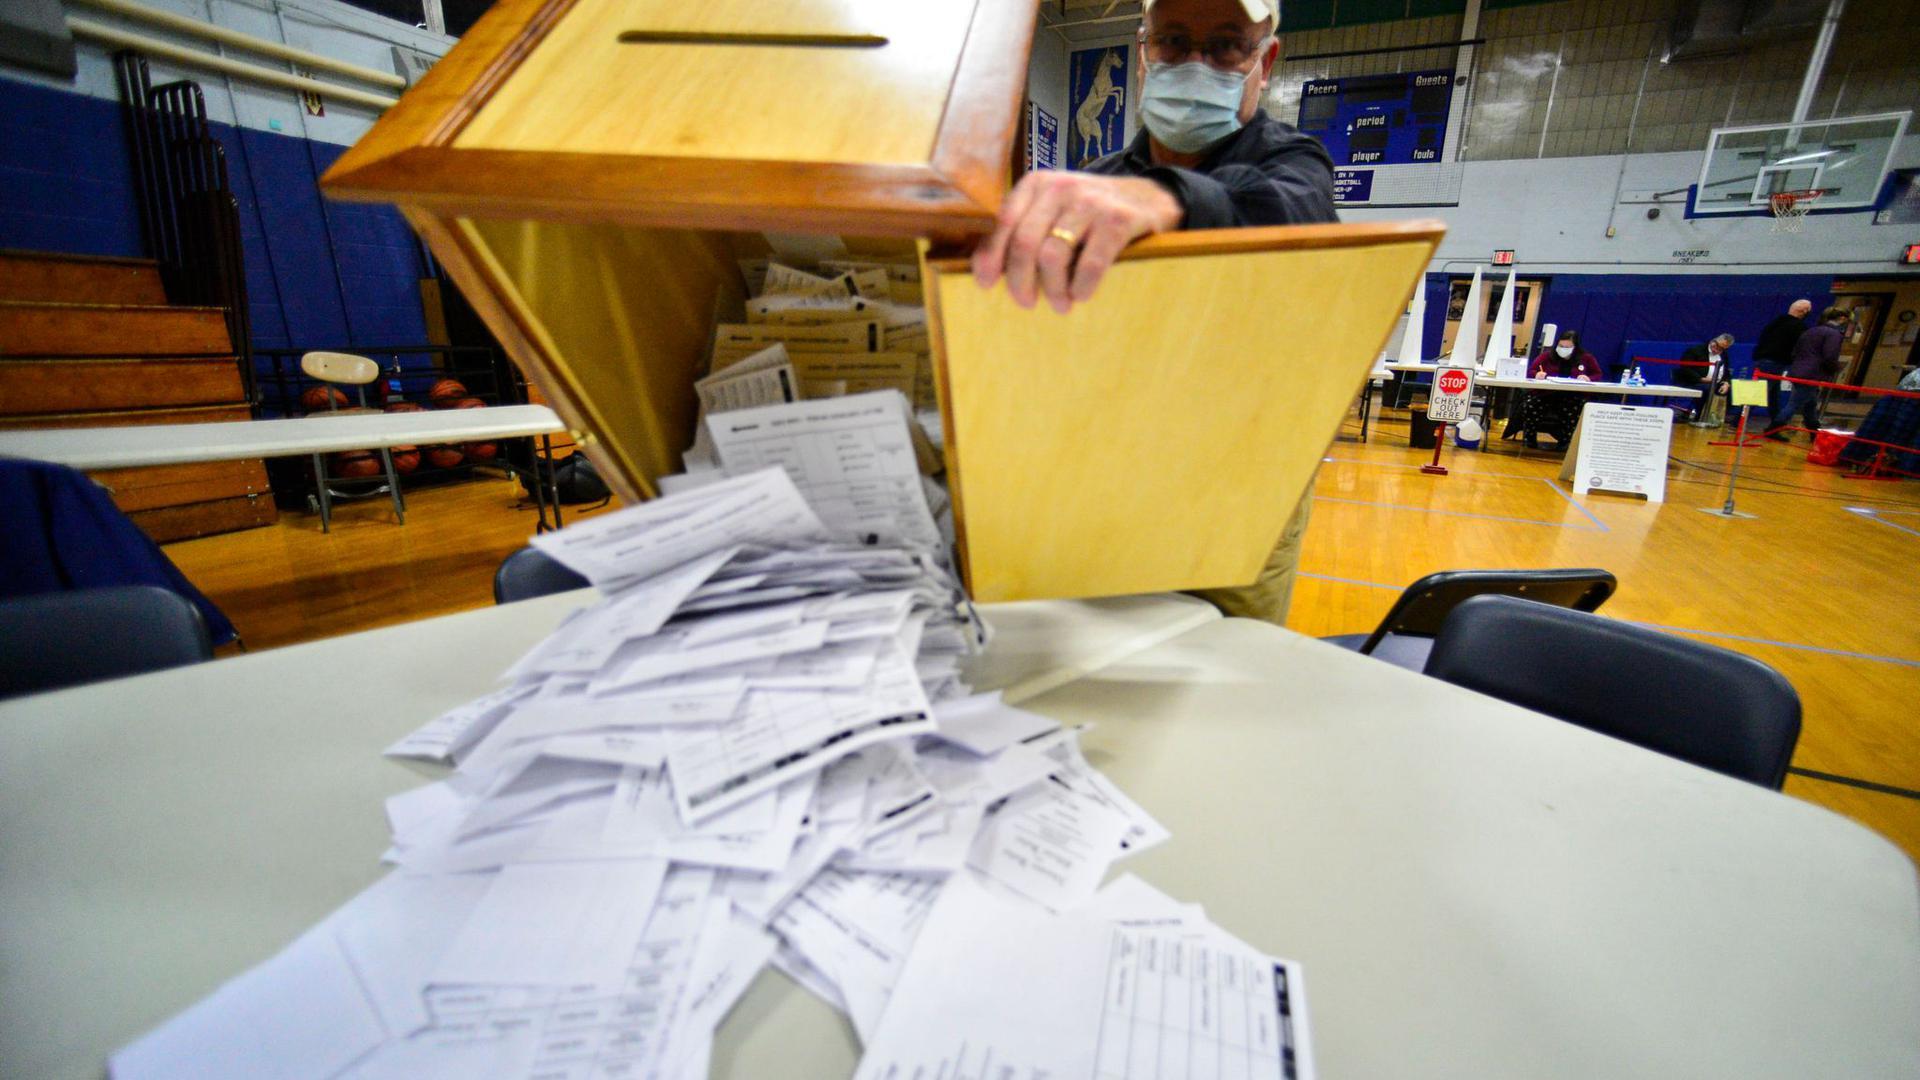 Steve Diorio schüttet in New Hampshire die Stimmzettel aus, um sie auszuzählen.